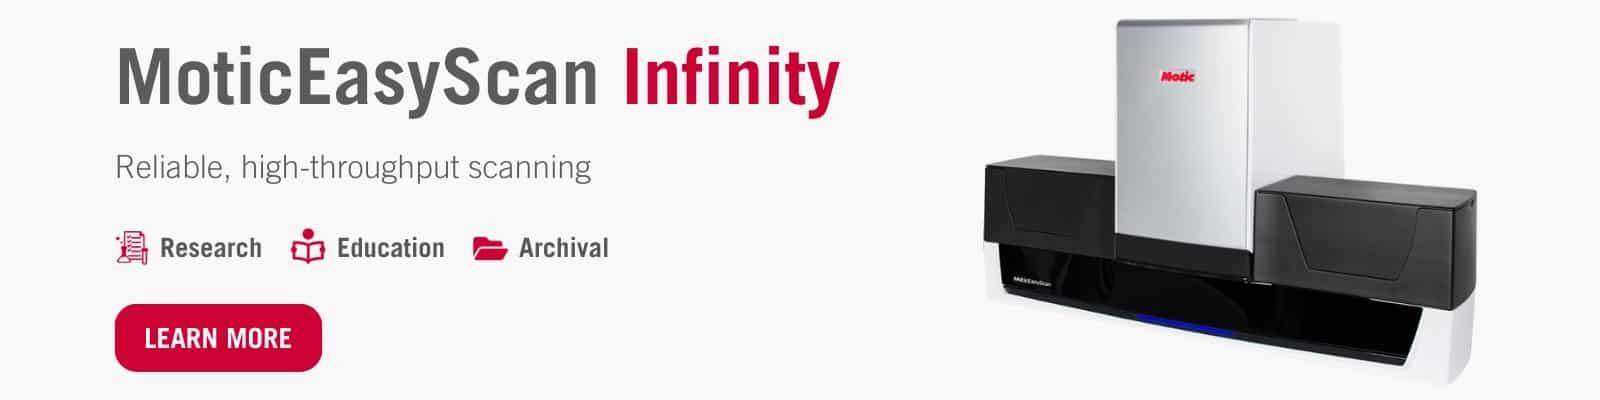 MoticEasyScan Infinity Banner